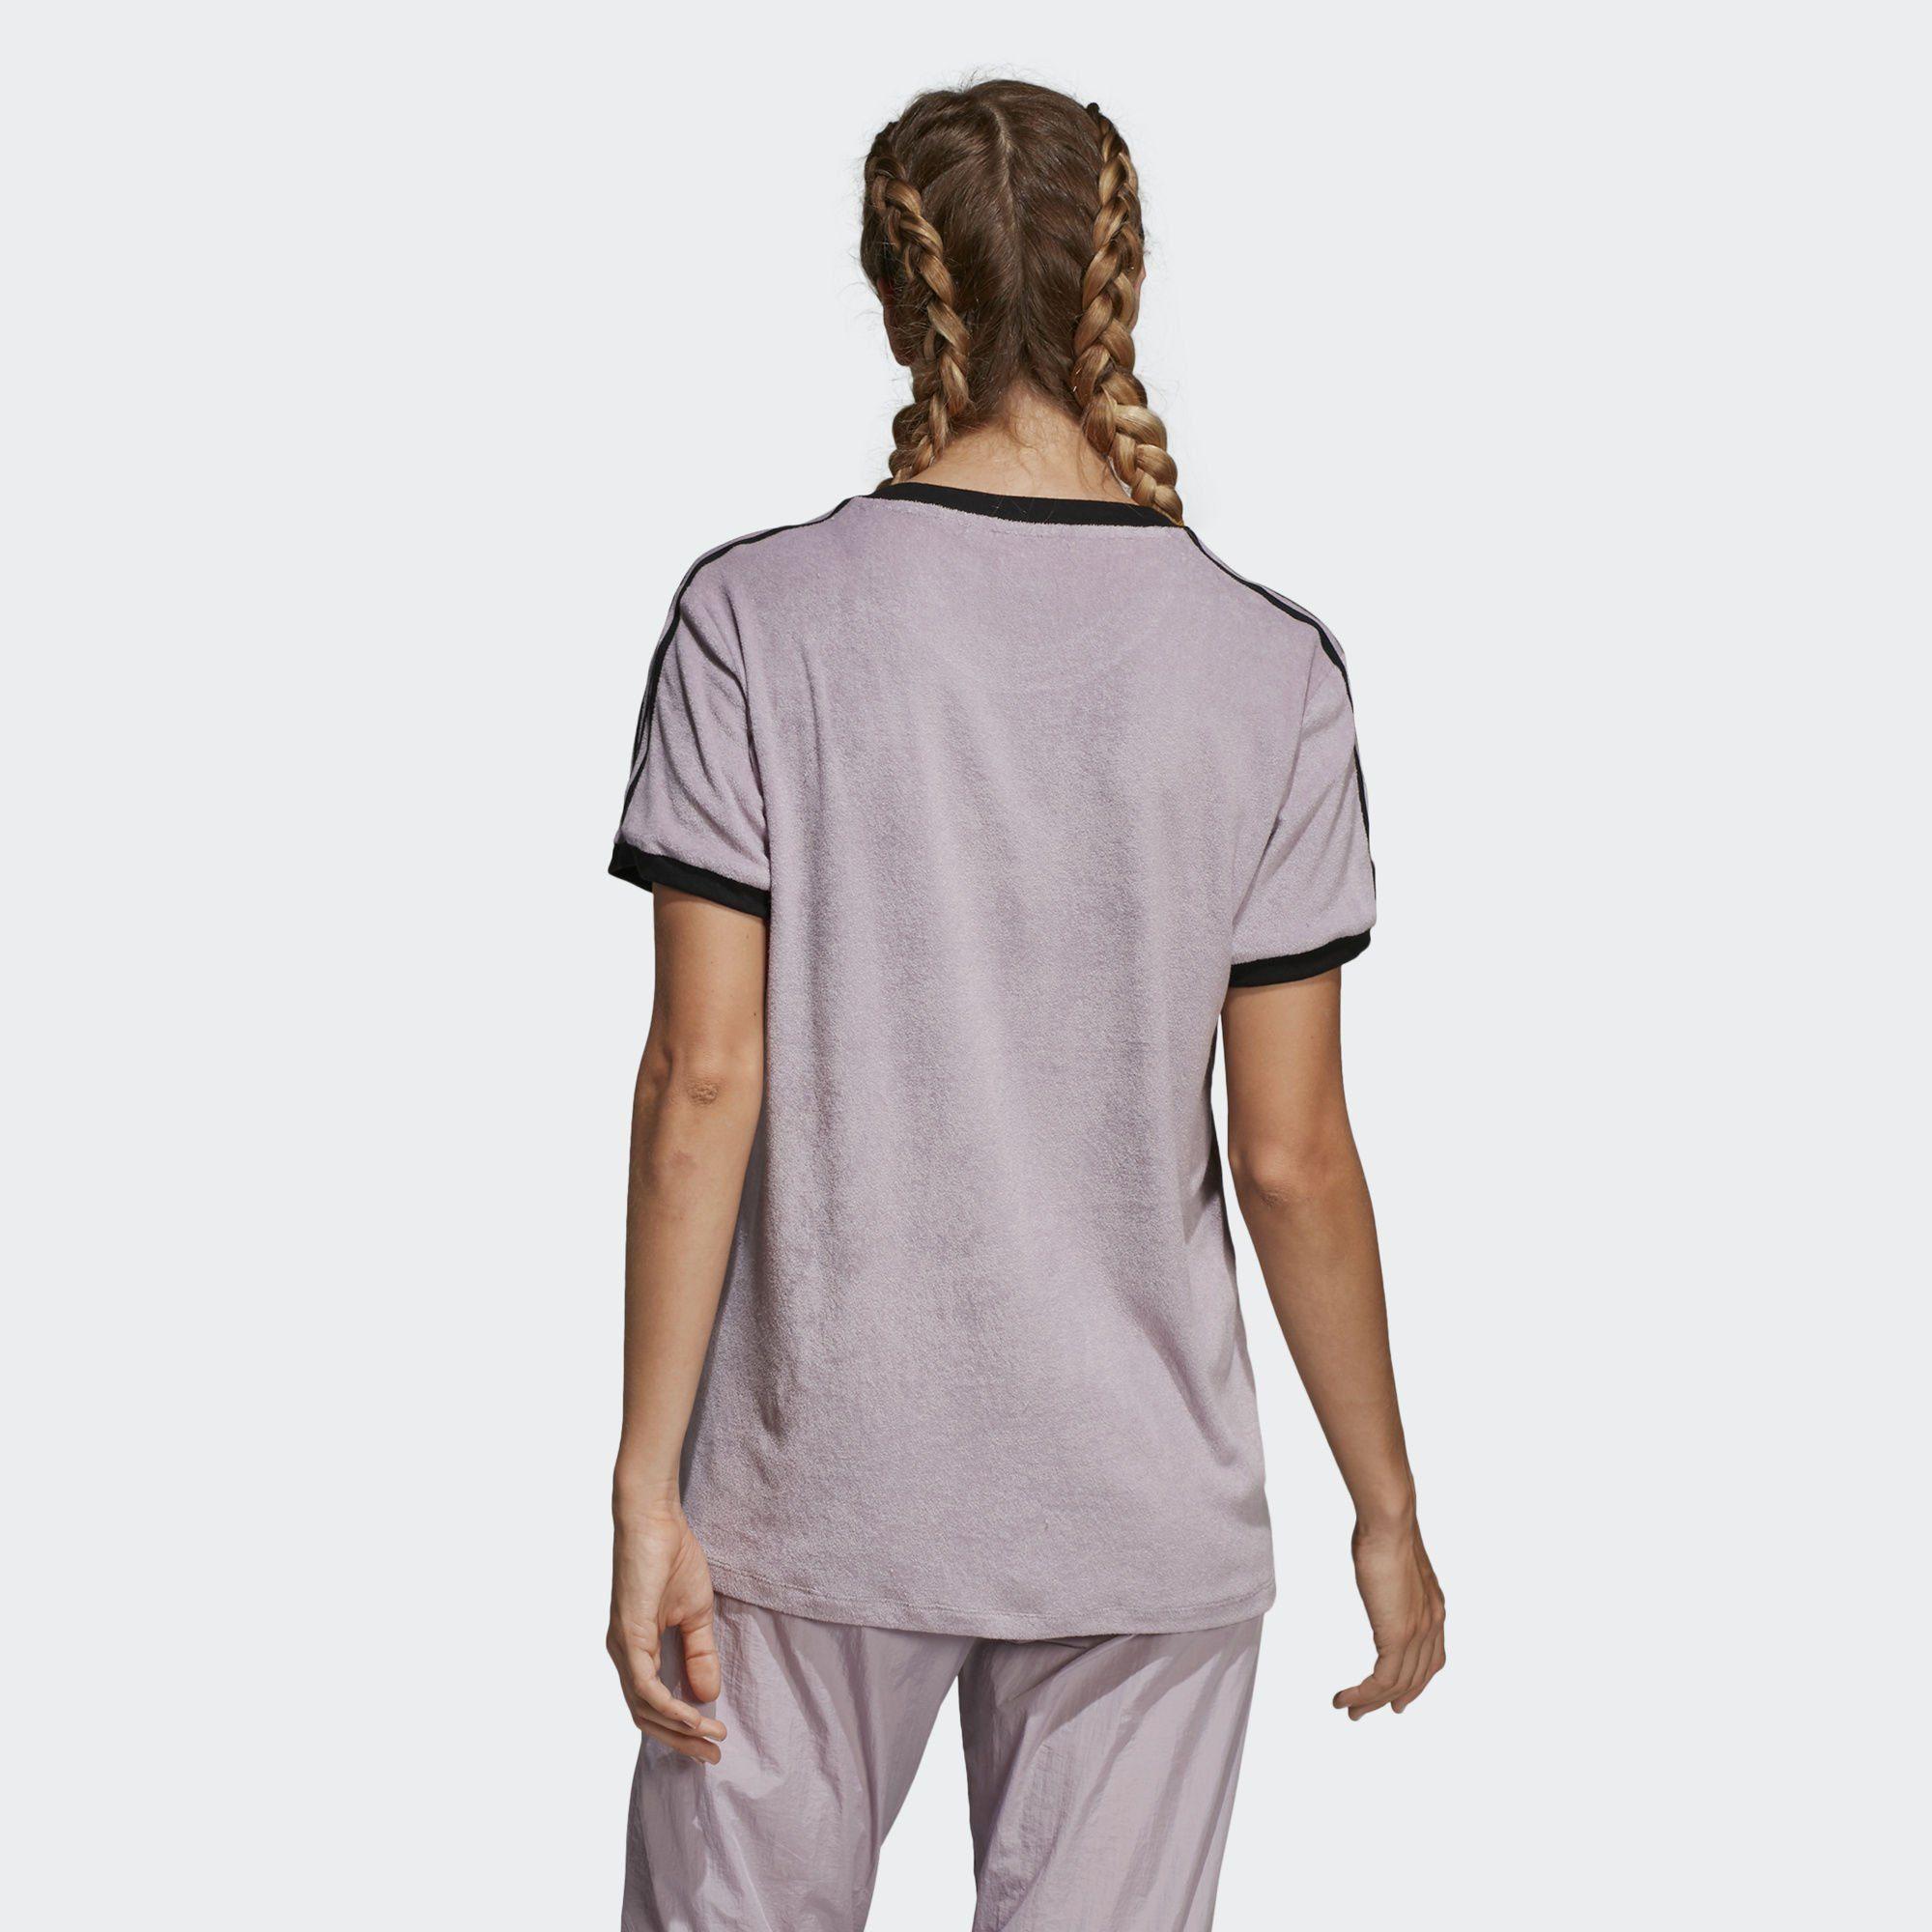 adidas Originals T Shirt »3 Streifen T Shirt«, Kurzärmelig mit Rippbündchen online kaufen | OTTO